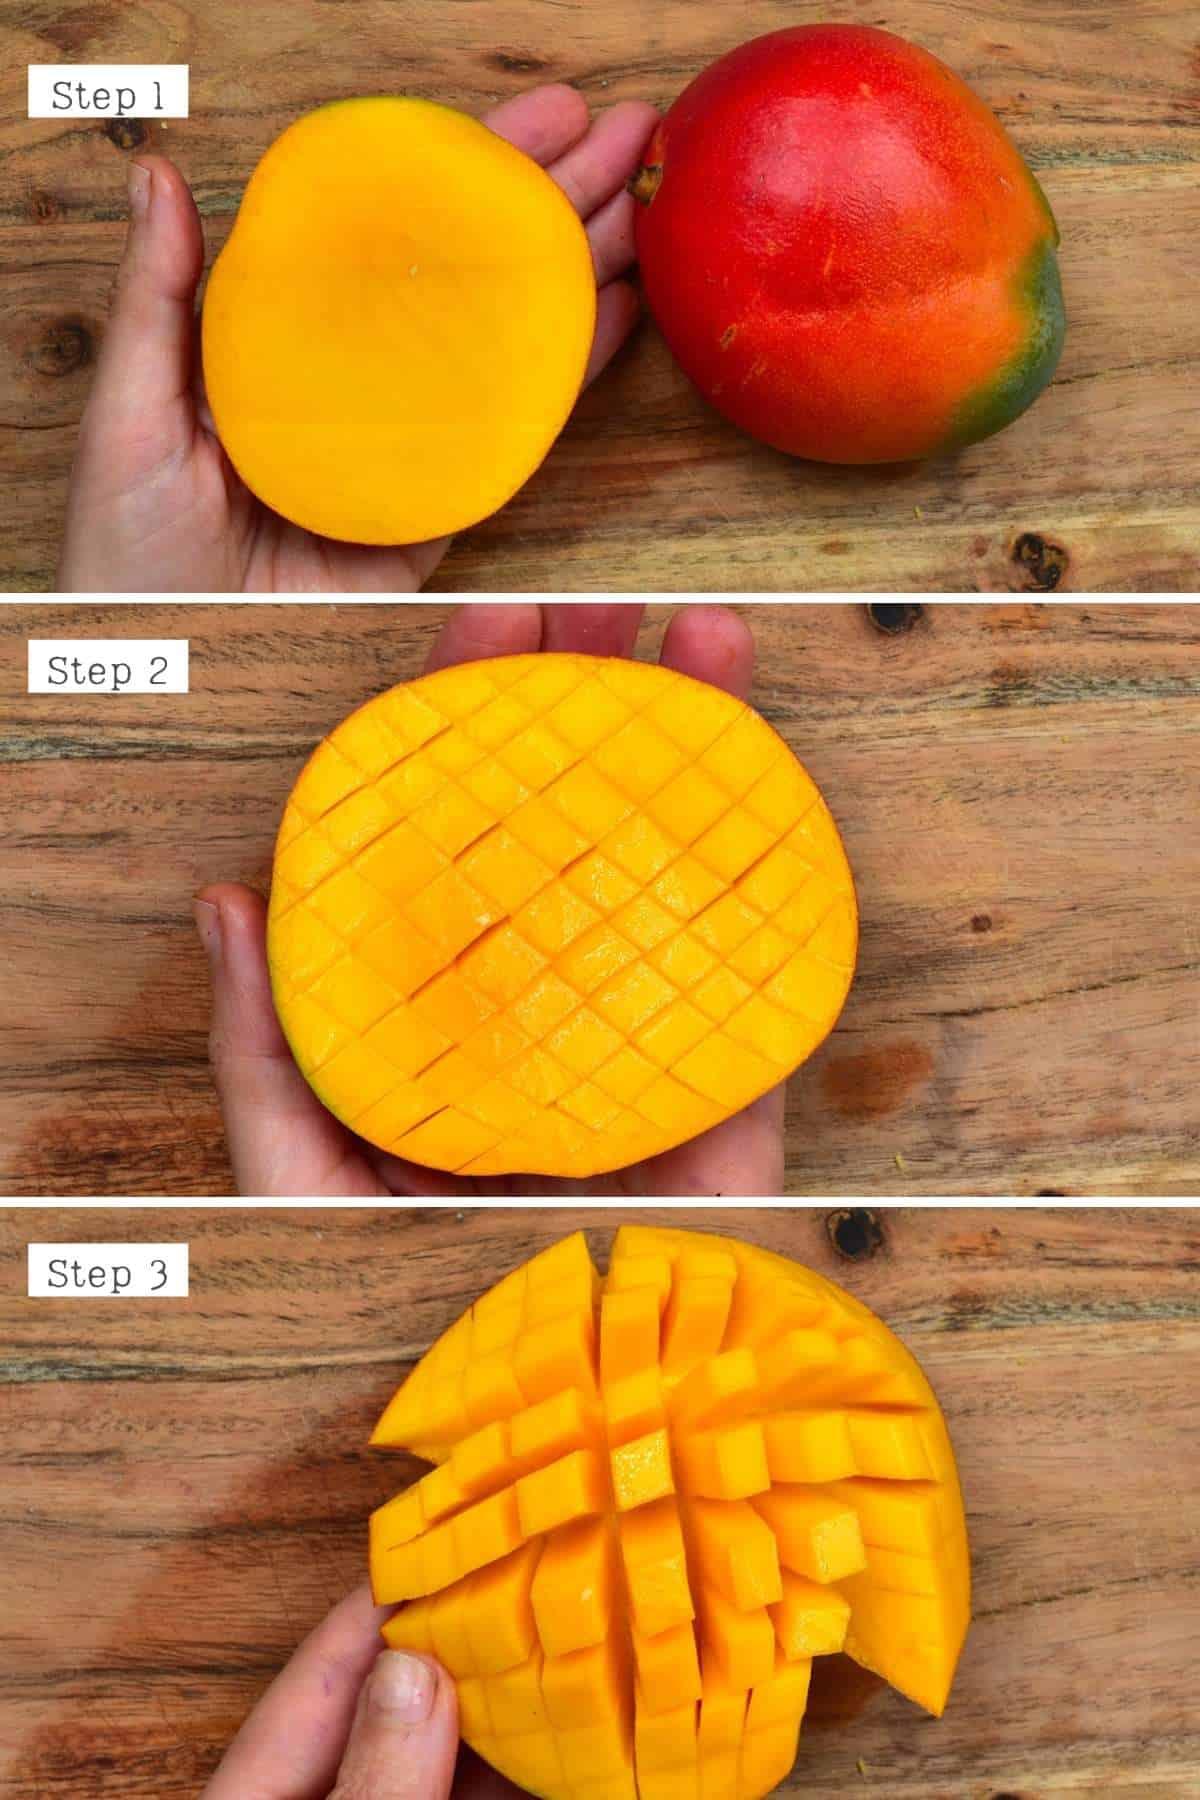 Steps for cutting mango